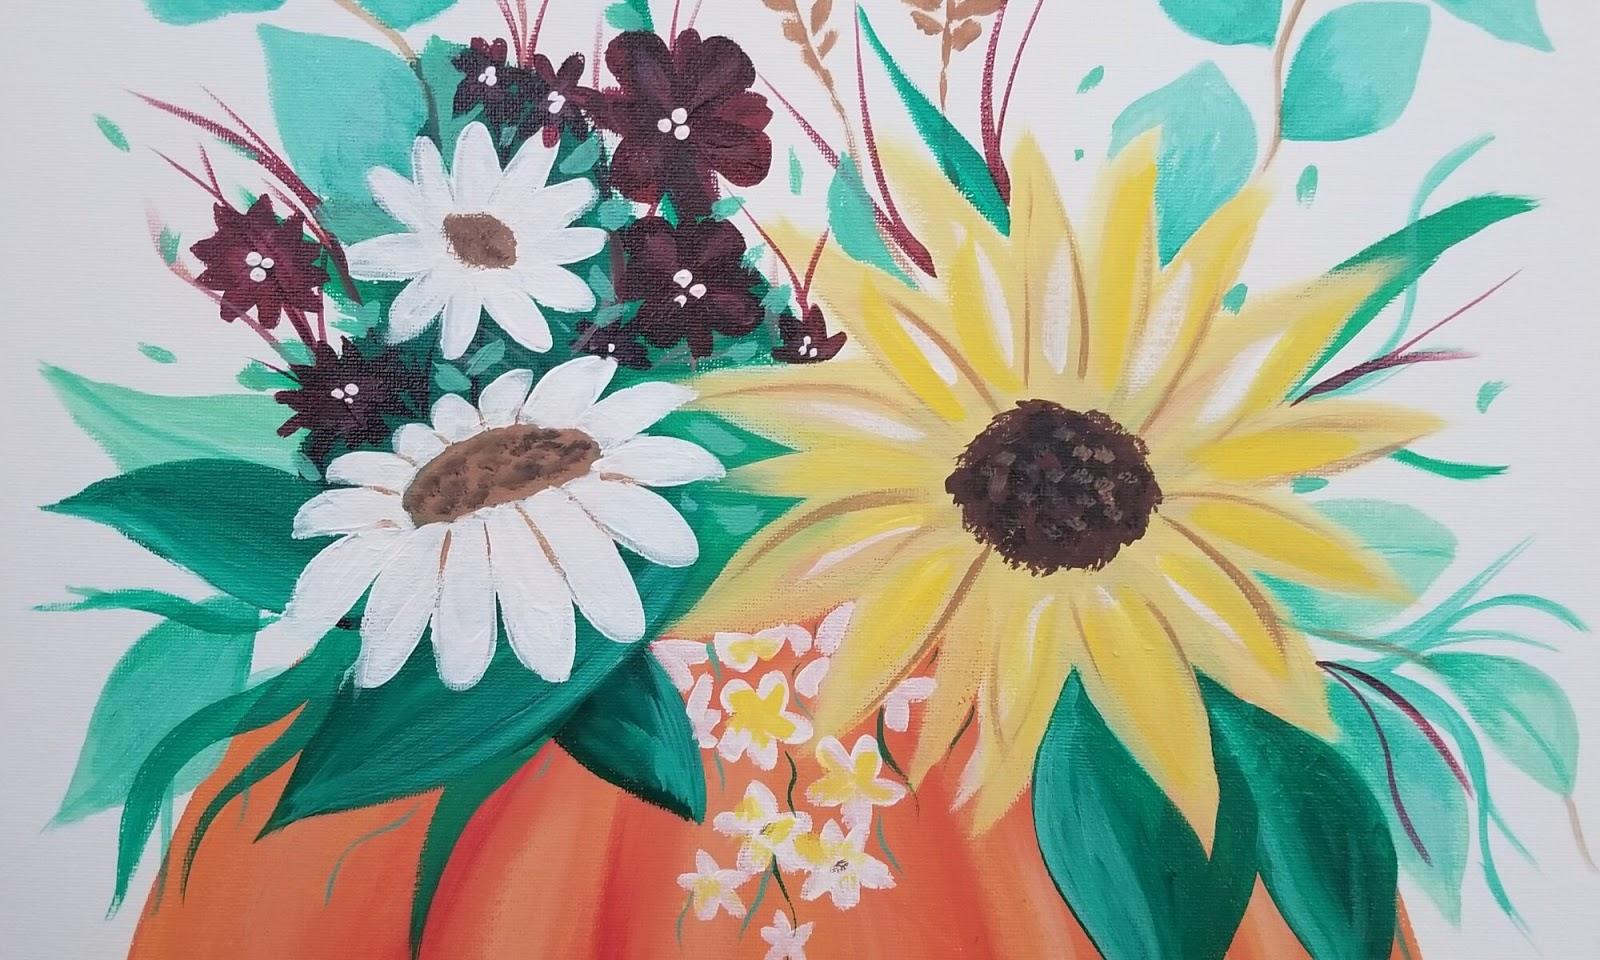 Destanee-Fall-Floral-Pumpkin-e1600226171309-2000x1200.jpg